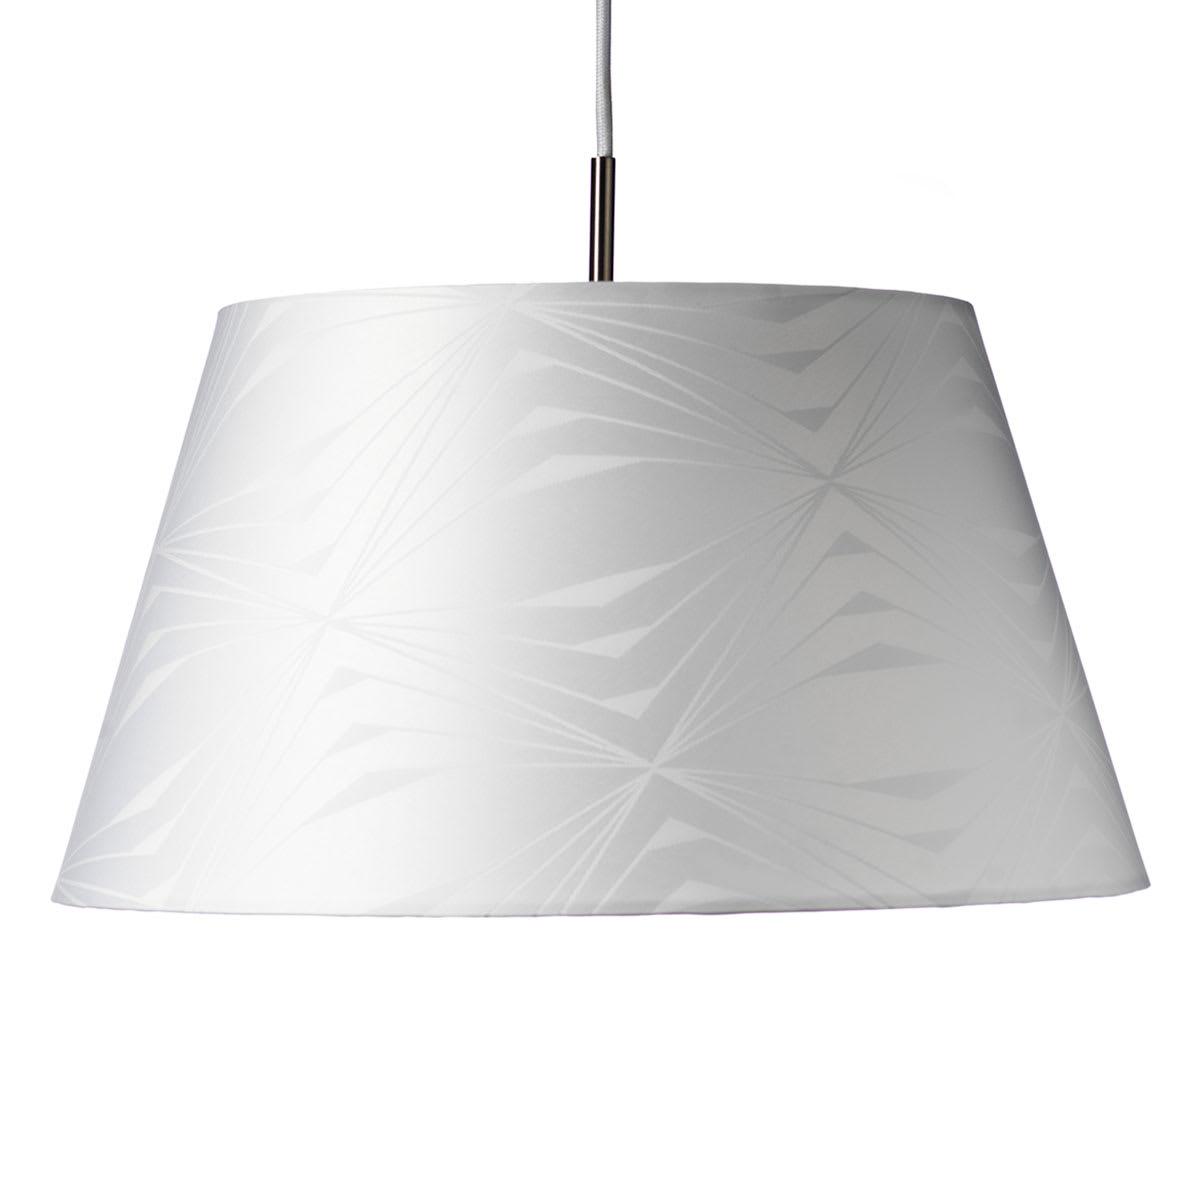 Ø 40 cm - Designet af den anerkendte tekstildesigner Vibeke Klint